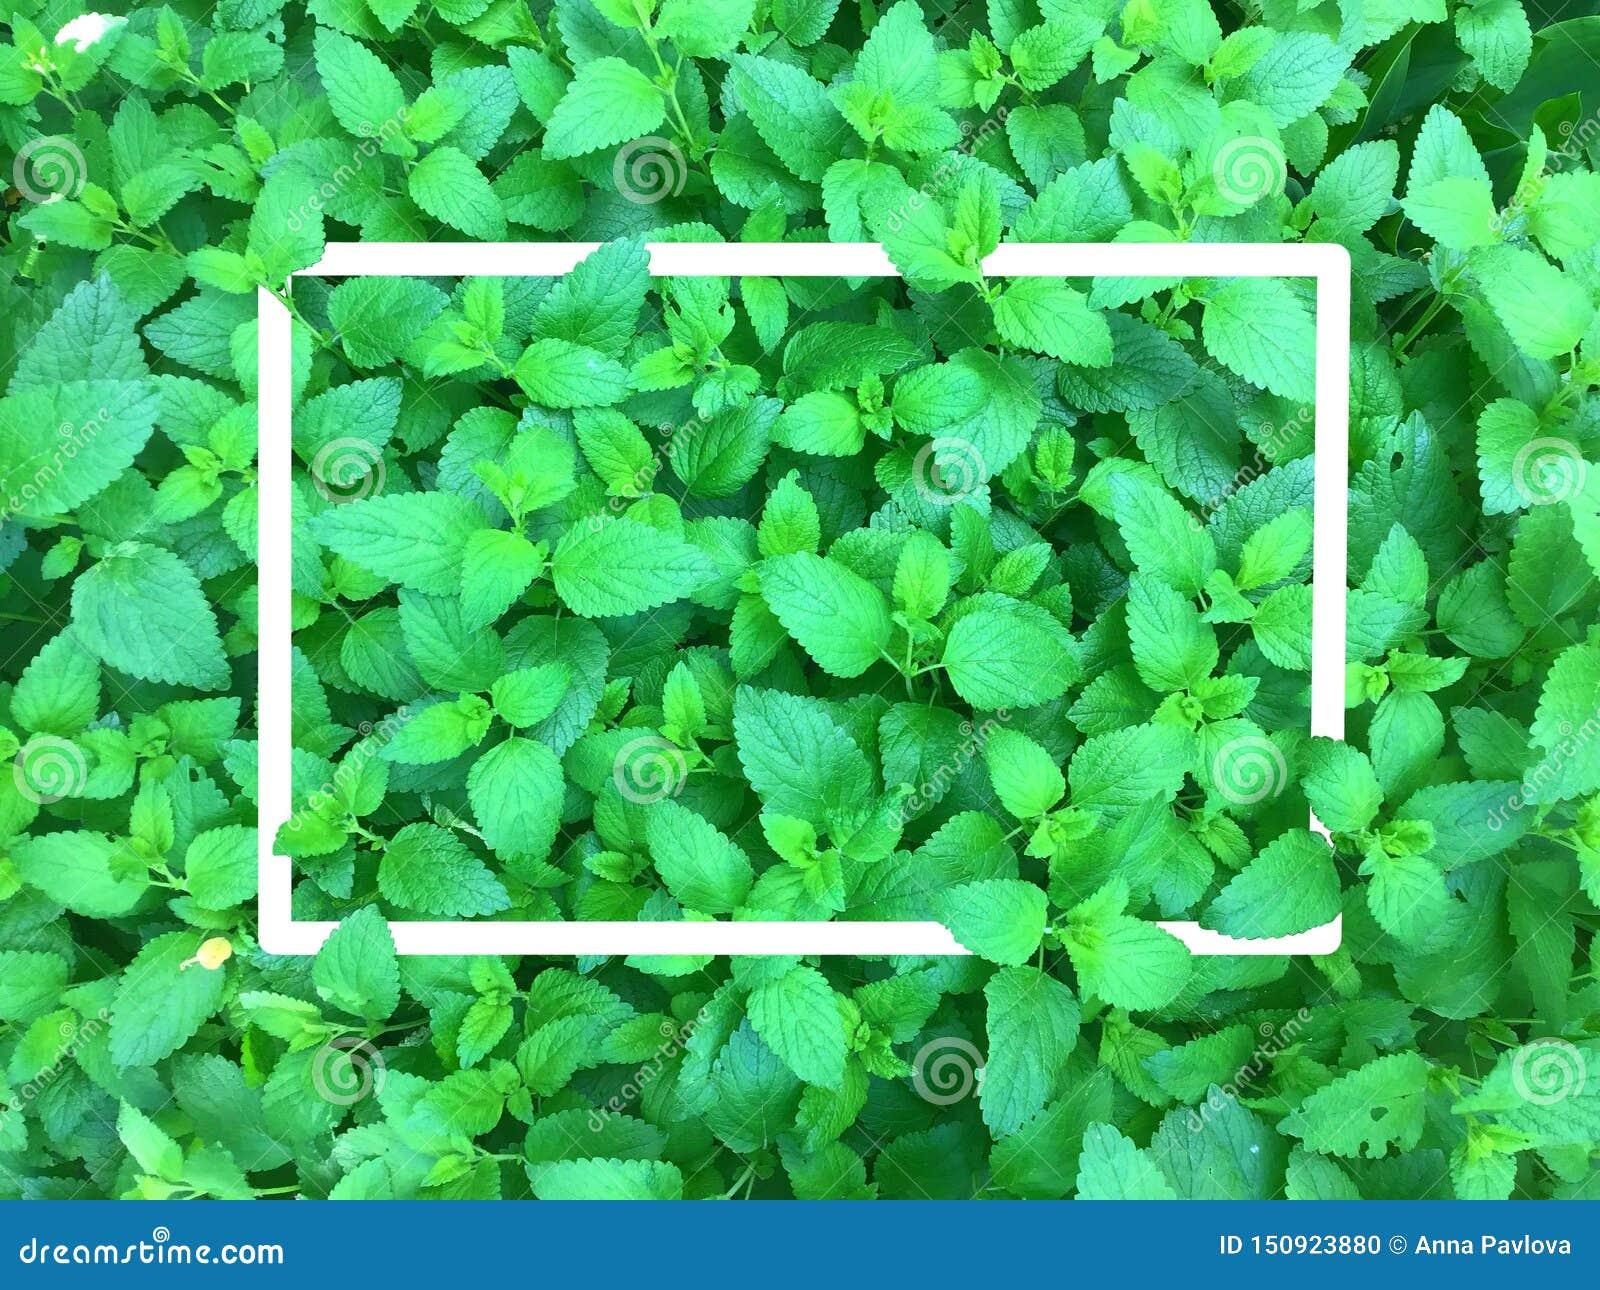 Hoja con el marco blanco, hoja verde abstracta, hoja verde minúscula, fondo verde natural